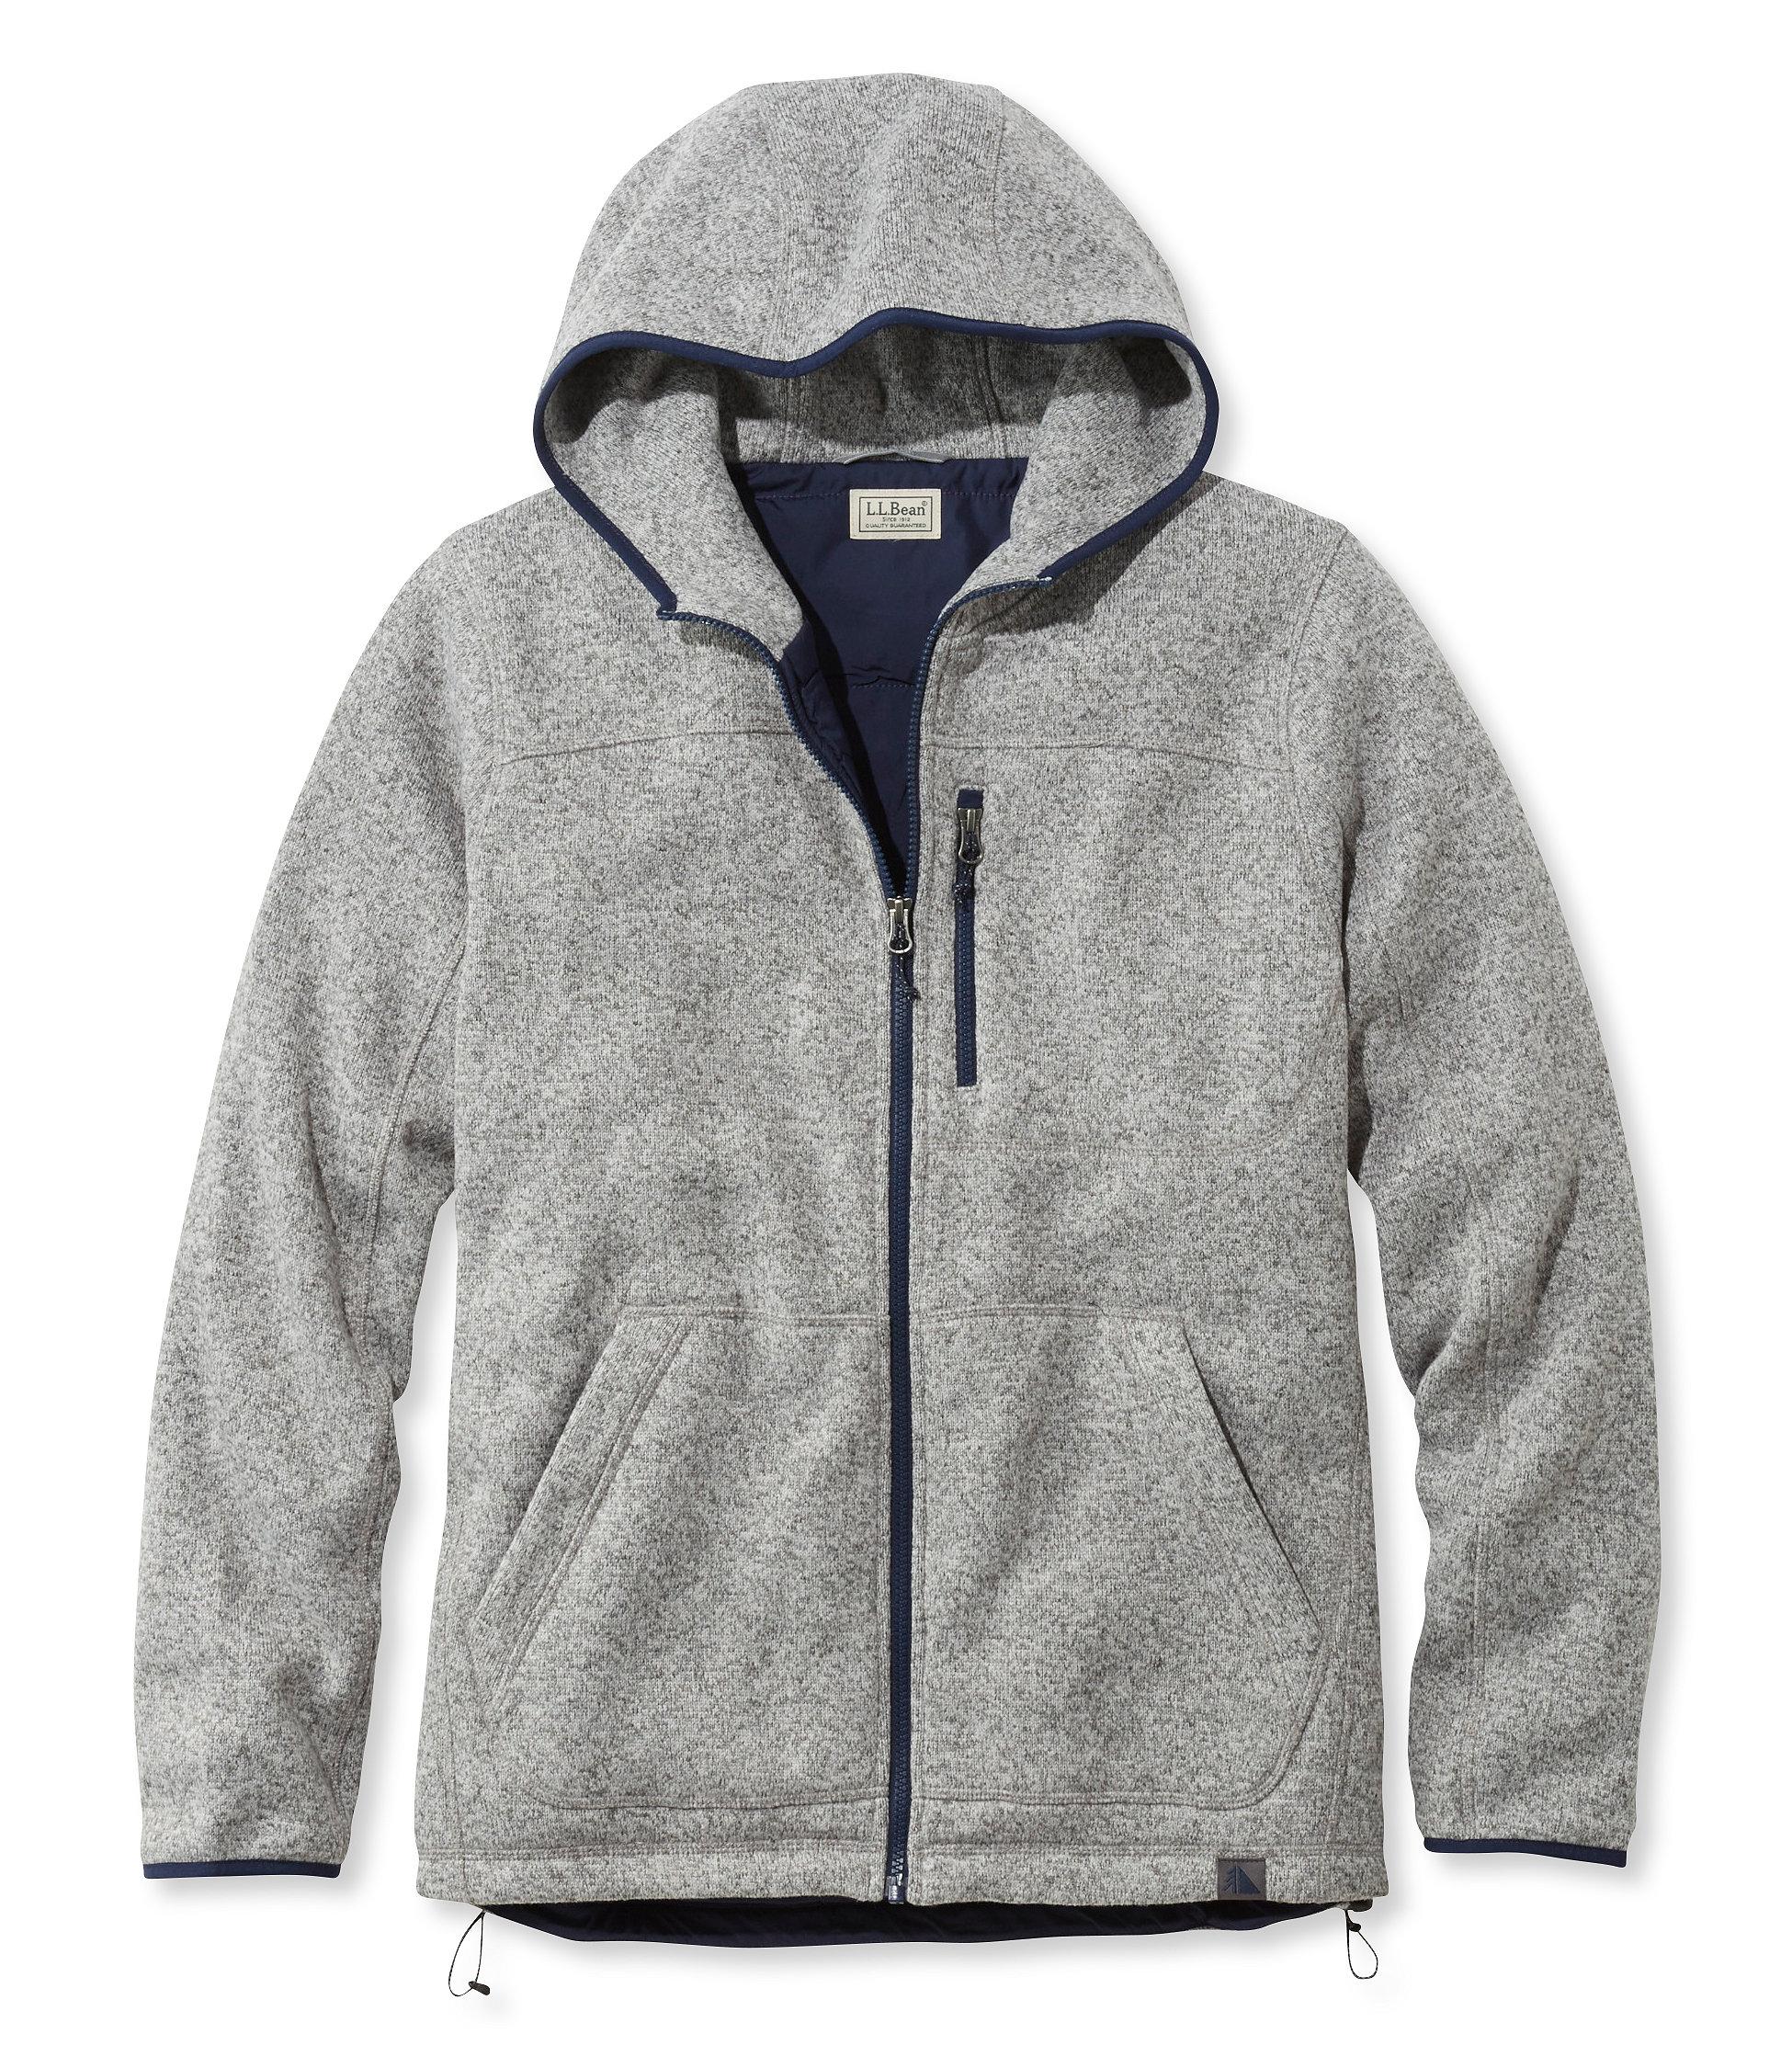 L.L.Bean Sweater Fleece Full-Zip Hooded Jacket